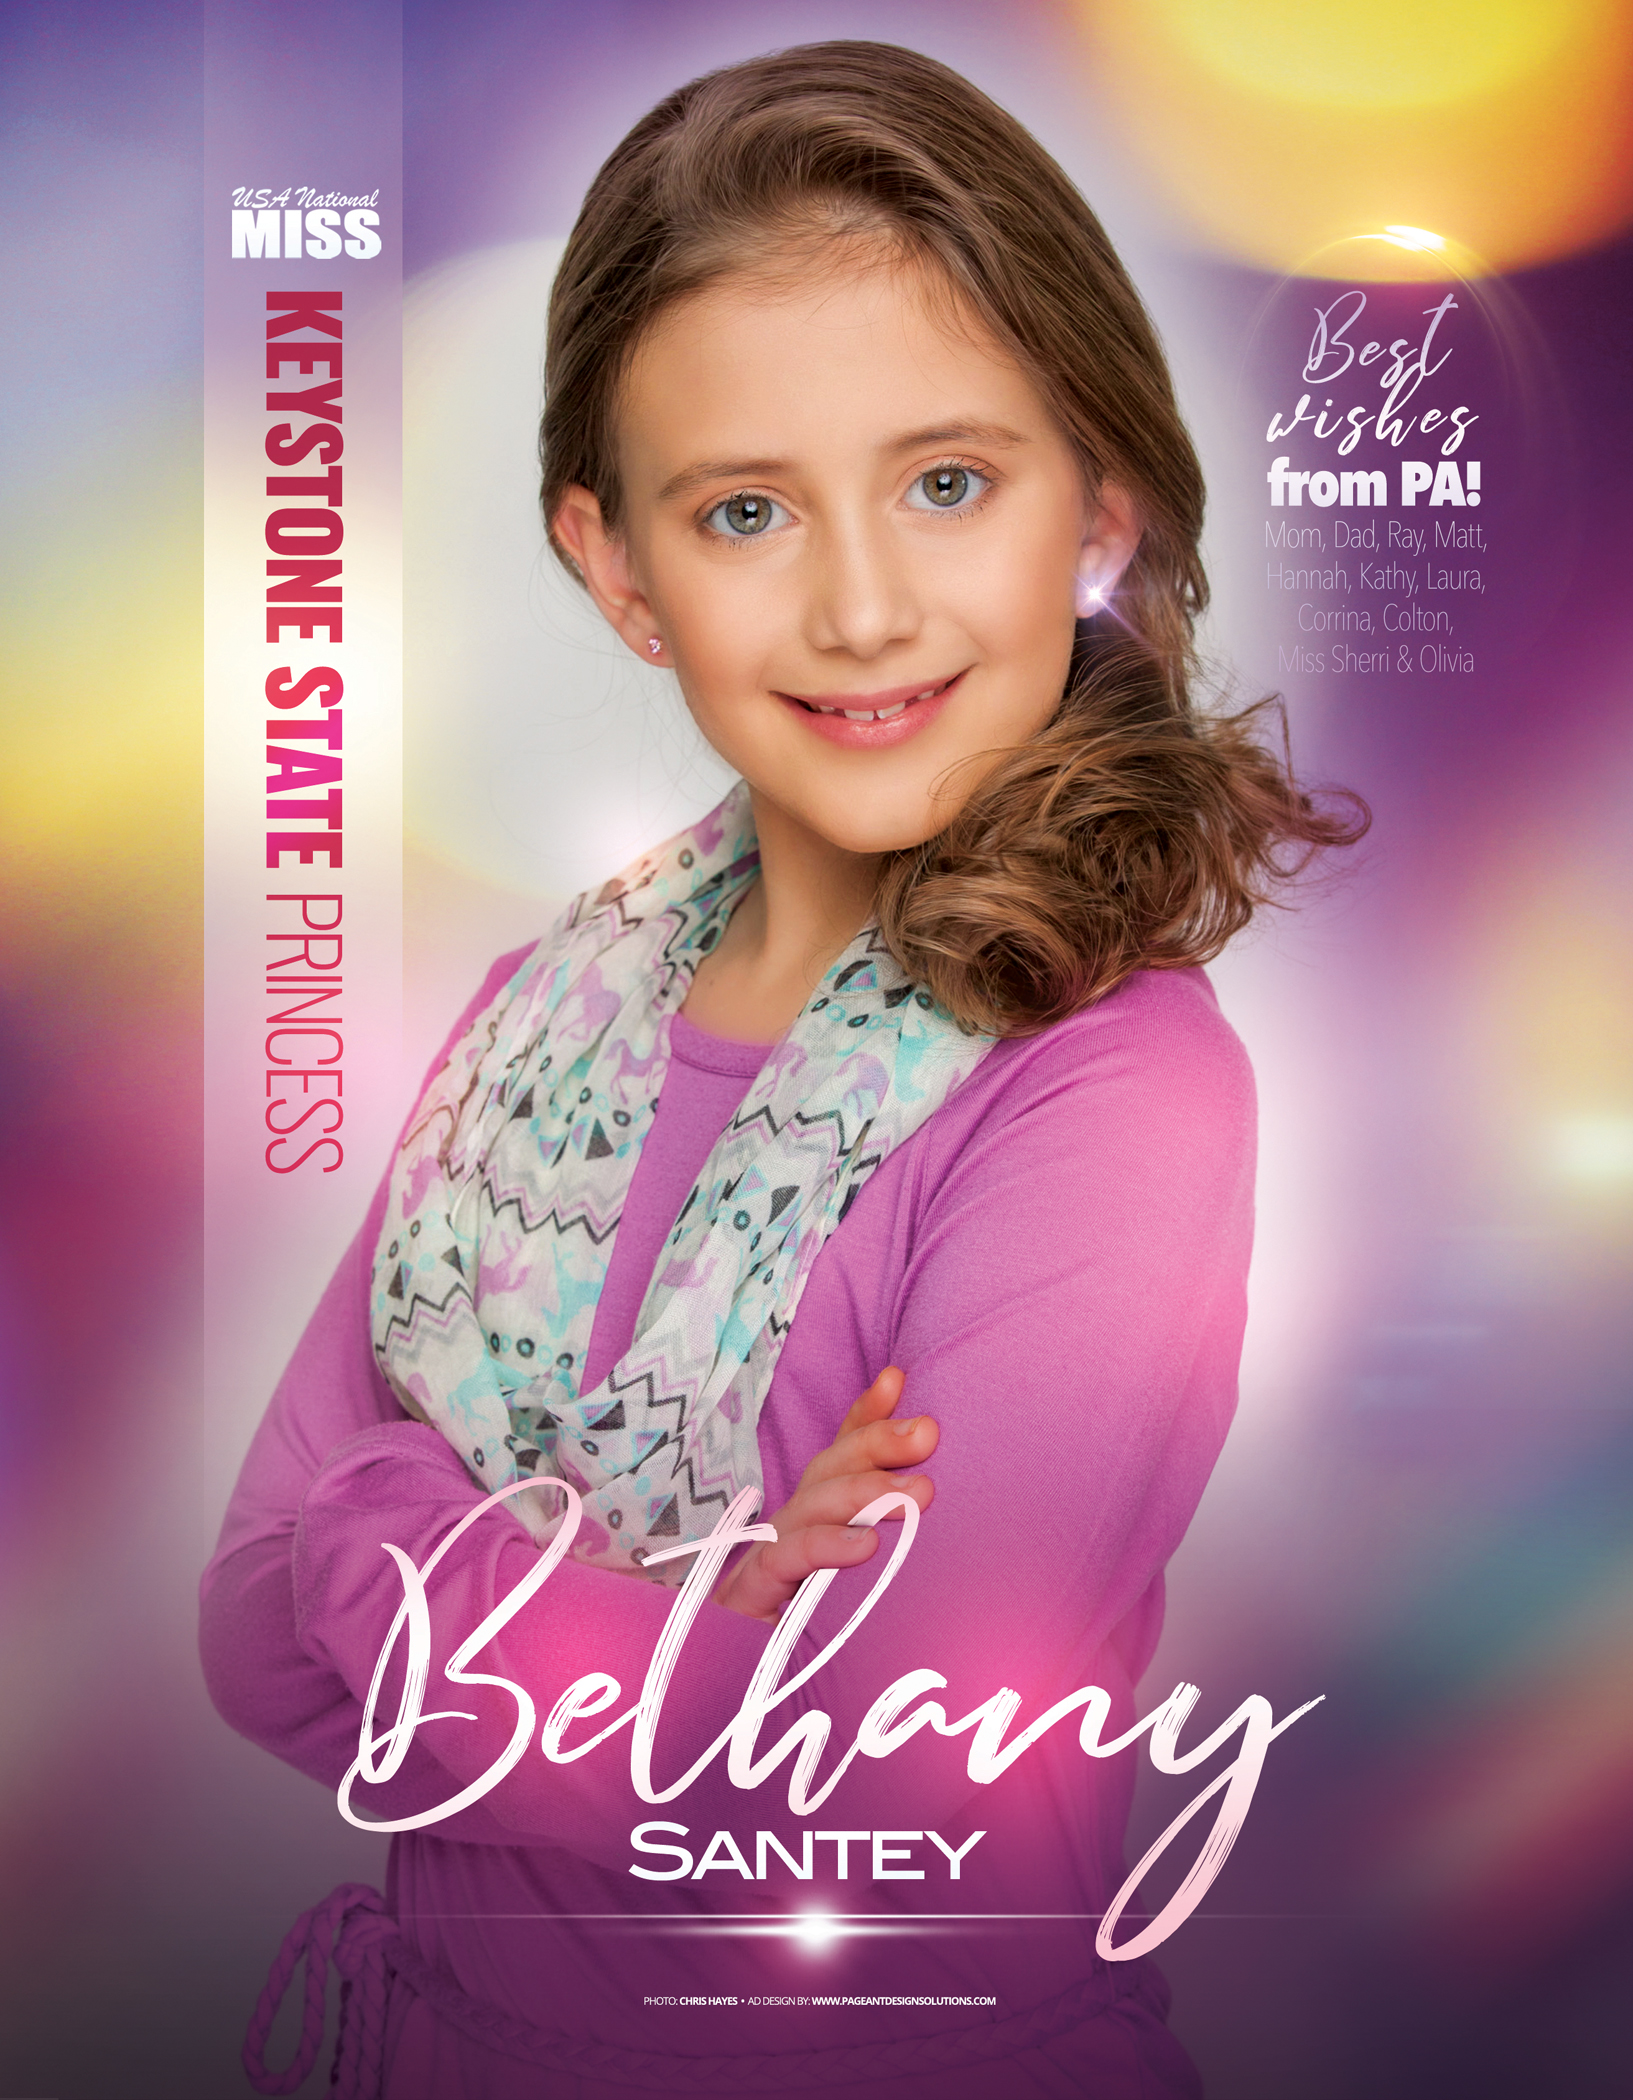 Santey, Bethany AD